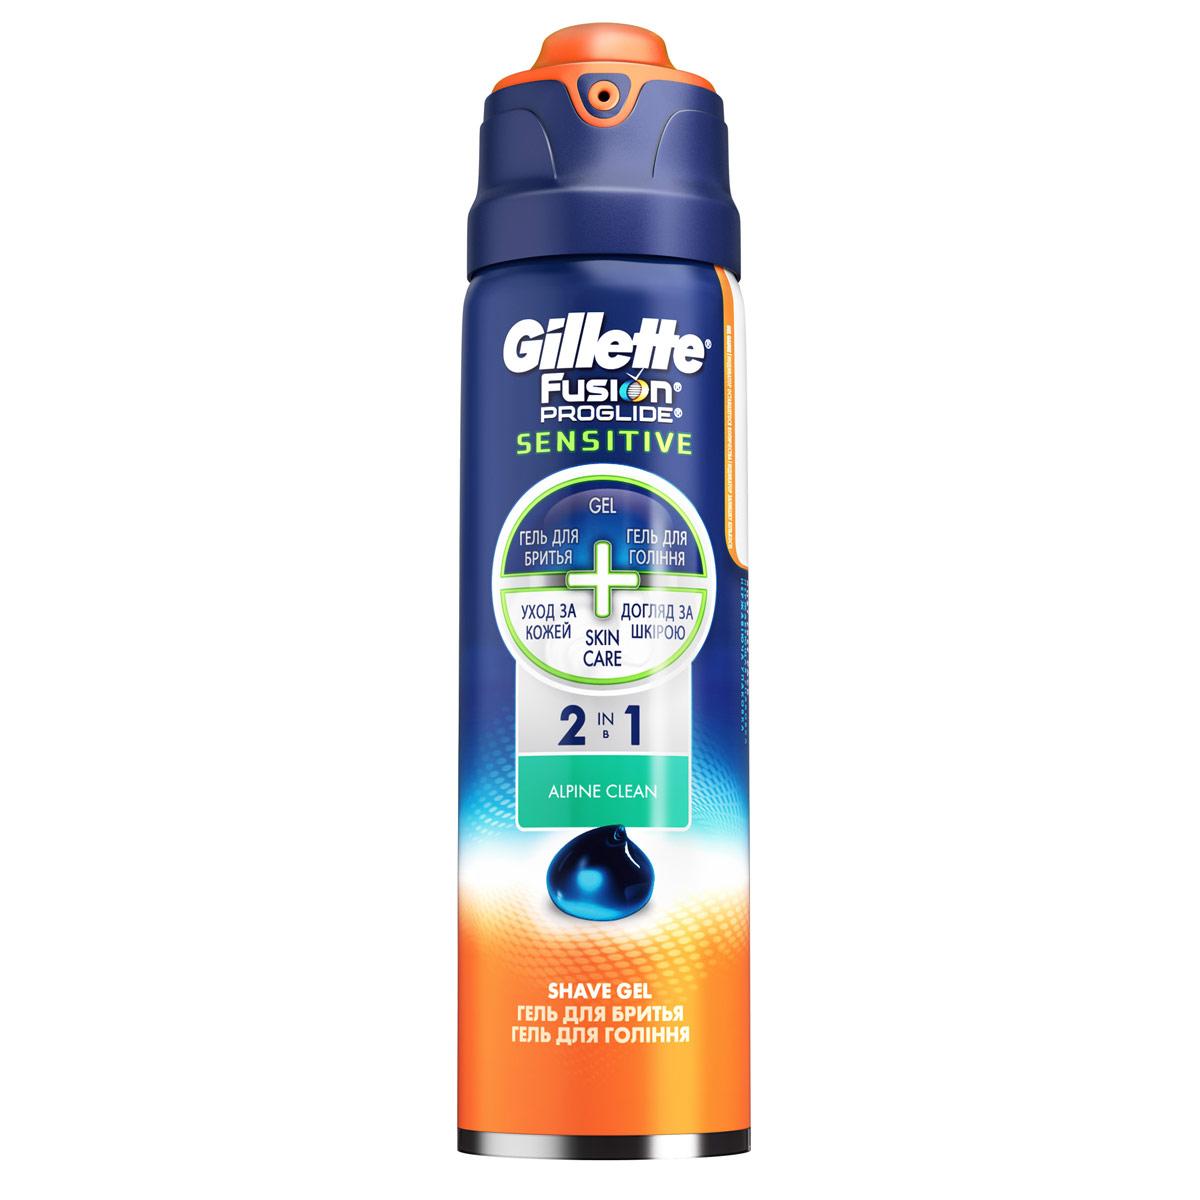 Gillette Гель для бритья Fusion ProGlide Sensitive 2-в-1 Alpine Clean, 170 млGIL-81471737ИННОВАЦИЯ ОТ GILLETTE — ФОРМУЛА 2-В-1: гель для бритья + уход за кожей. ЛУЧШИЙ ГЕЛЬ ДЛЯ БРИТЬЯ ОТ GILLETTE — ощущение мягкости и гладкости кожи с каждым бритьем! Средства Fusion ProGlide — лучшие средства для бритья от Gillette. Используйте вместе с бритвами Gillette Fusion ProGlide с технологией FlexBall. Характеристики продукта: - ФОРМУЛА 2-В-1: специальная формула геля оставляет ощущение мягкости и гладкости на коже с каждым бритьем. - БЕЗ ПОДТЕКОВ: поворотный дозатор уменьшает количество нежелательных подтеков. - БЕЗ РЖАВЧИНЫ: нержавеющая упаковка не оставляет следов на сантехнике. - БЕЗ СЮРПРИЗОВ: индикатор оставшегося количества позволяет увидеть, когда гель скоро закончится. - Подходит для чувствительной кожи. - Аромат «Alpine Clean» от Gillette. Gillette. Лучше для мужчины нет! Хранить в местах, недоступных для детей. Срок хранения – 3 года. «Проктер энд Гэмбл», США.